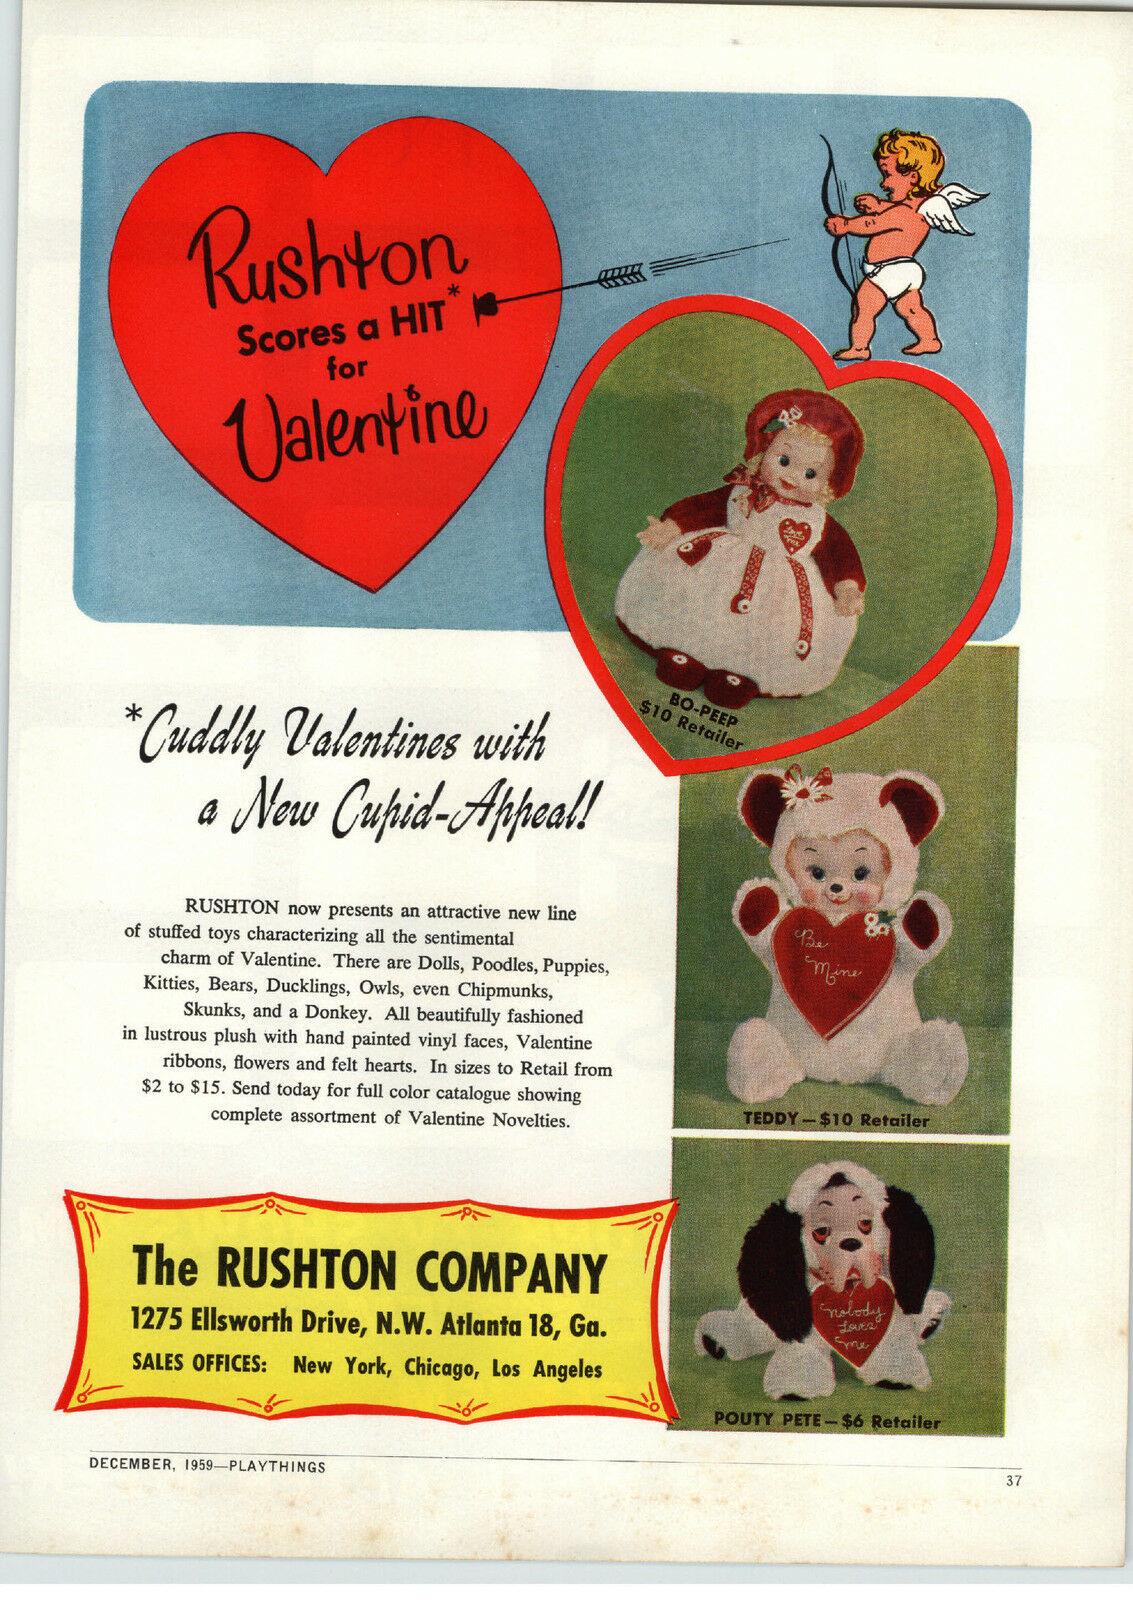 Rushton ad